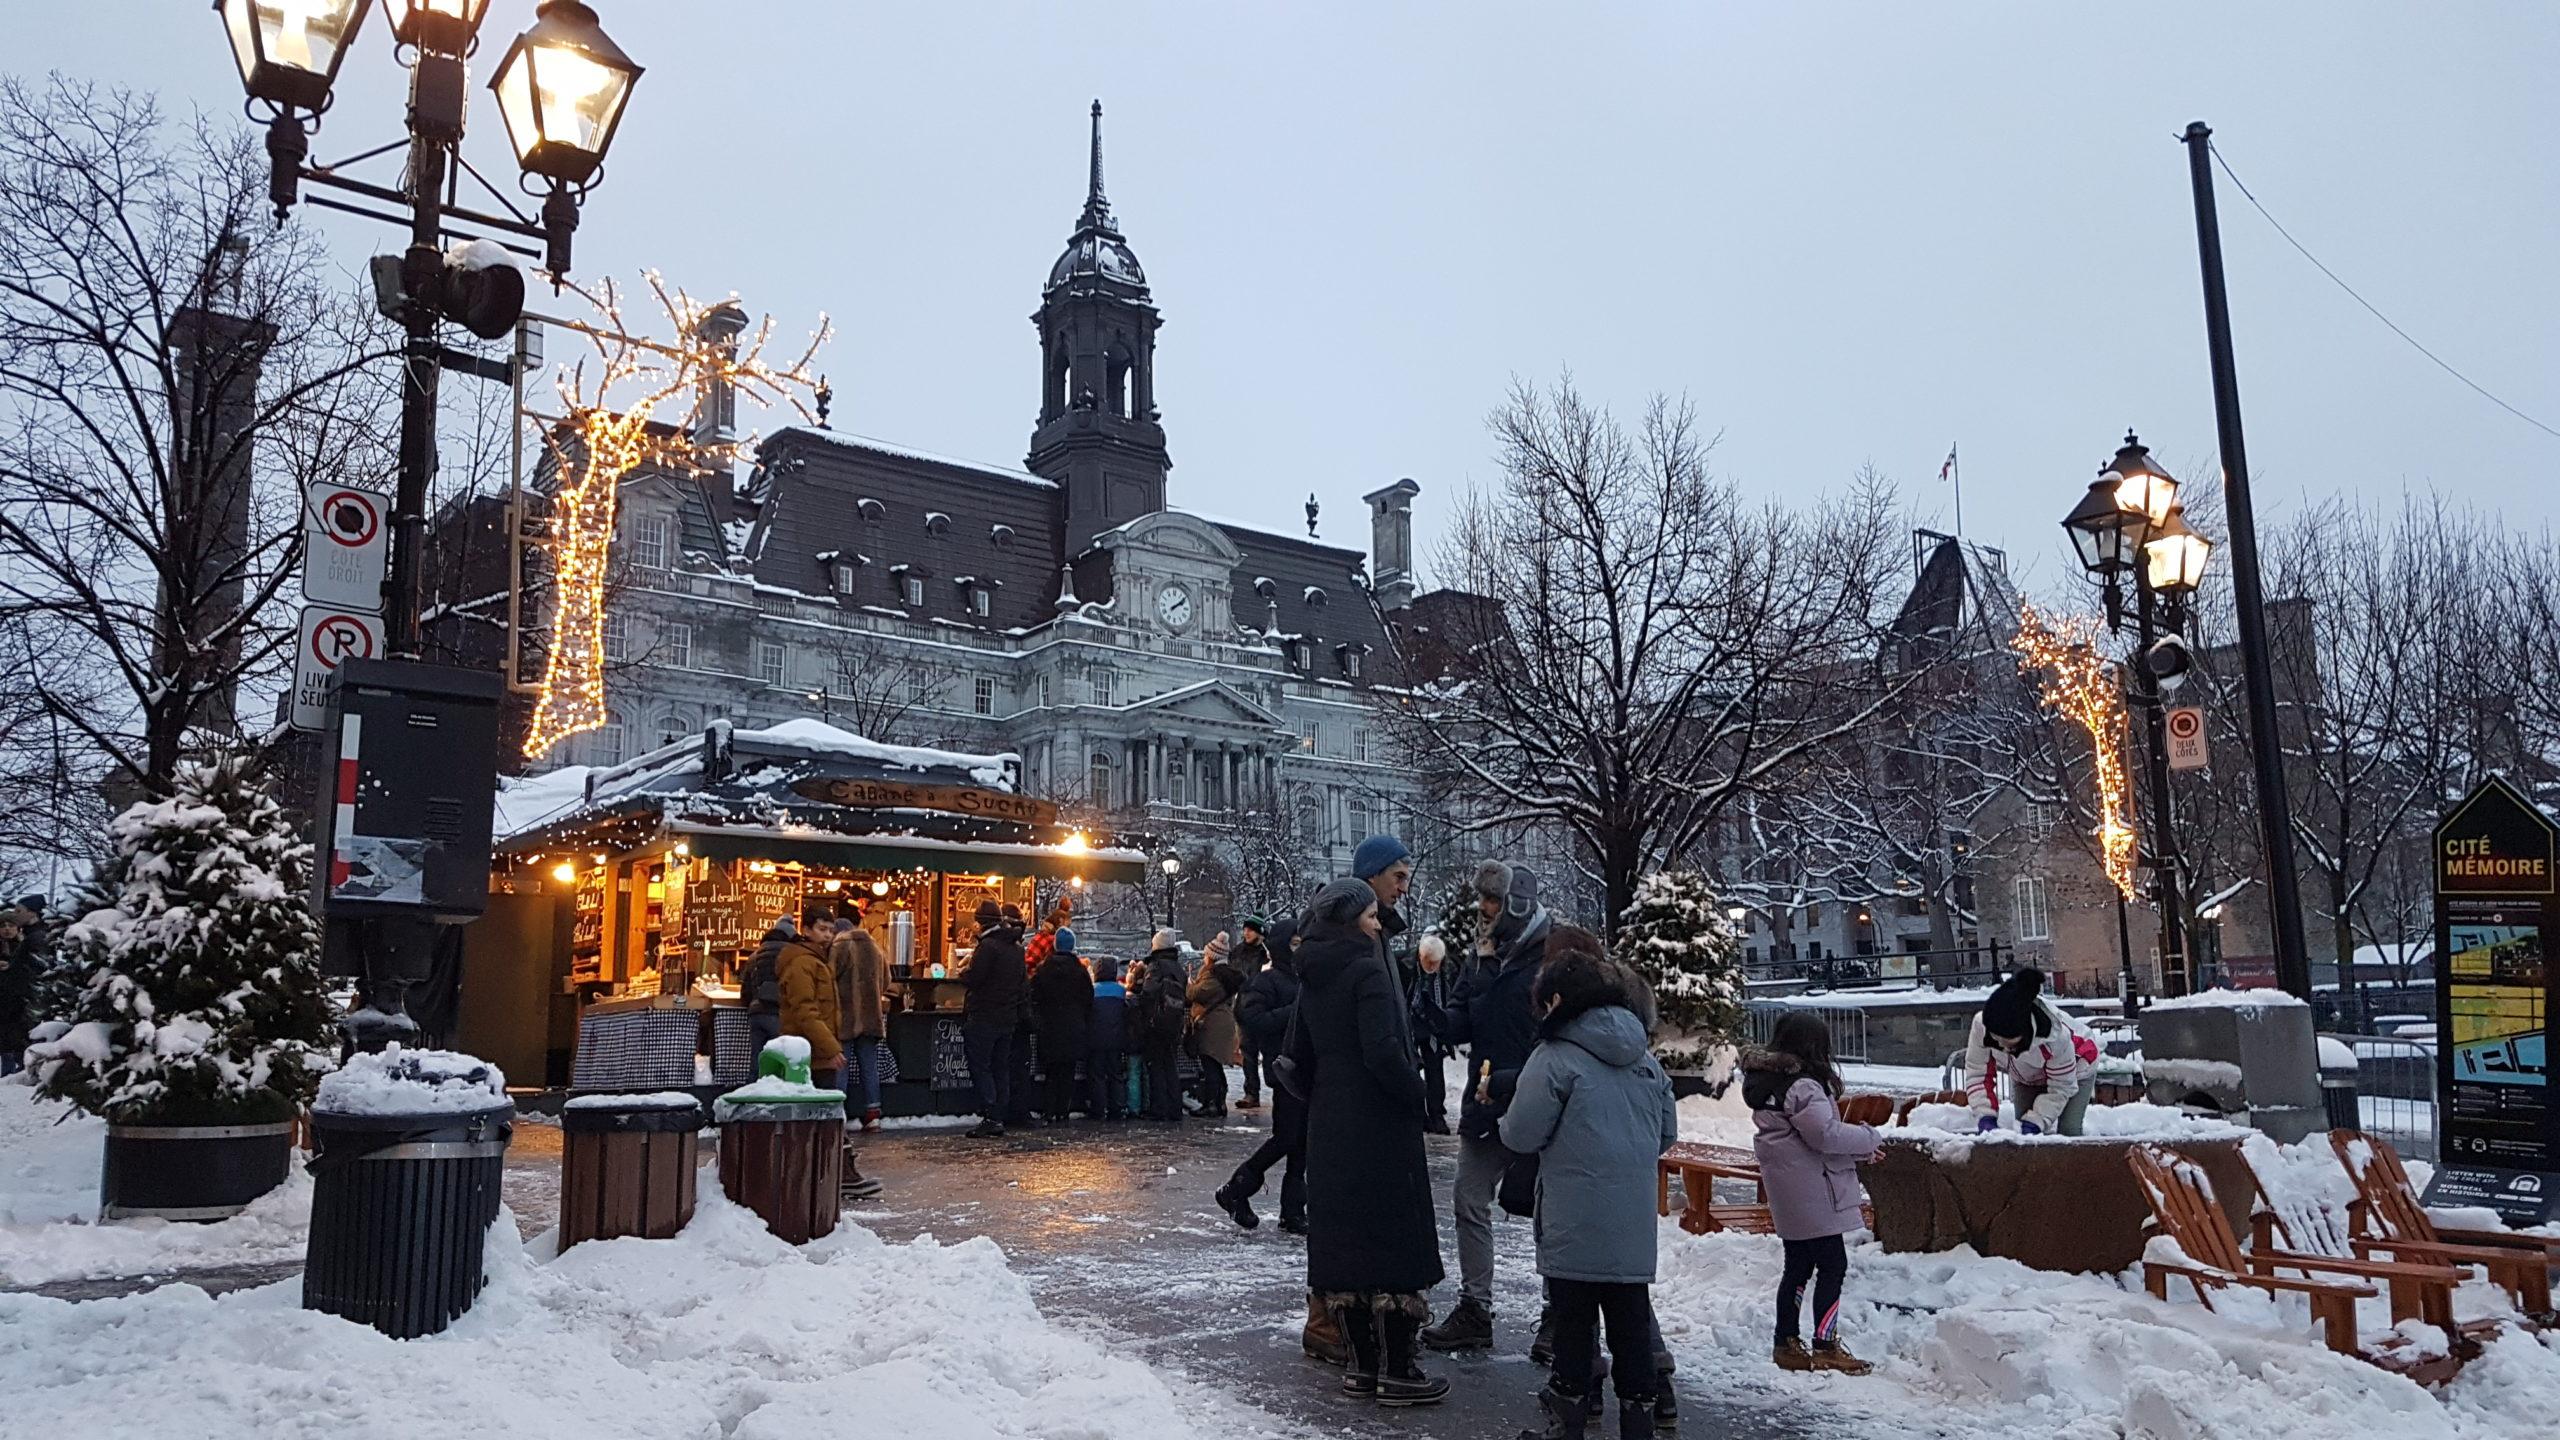 Nous passons devant un mini marché de Noël proche du Vieux port.